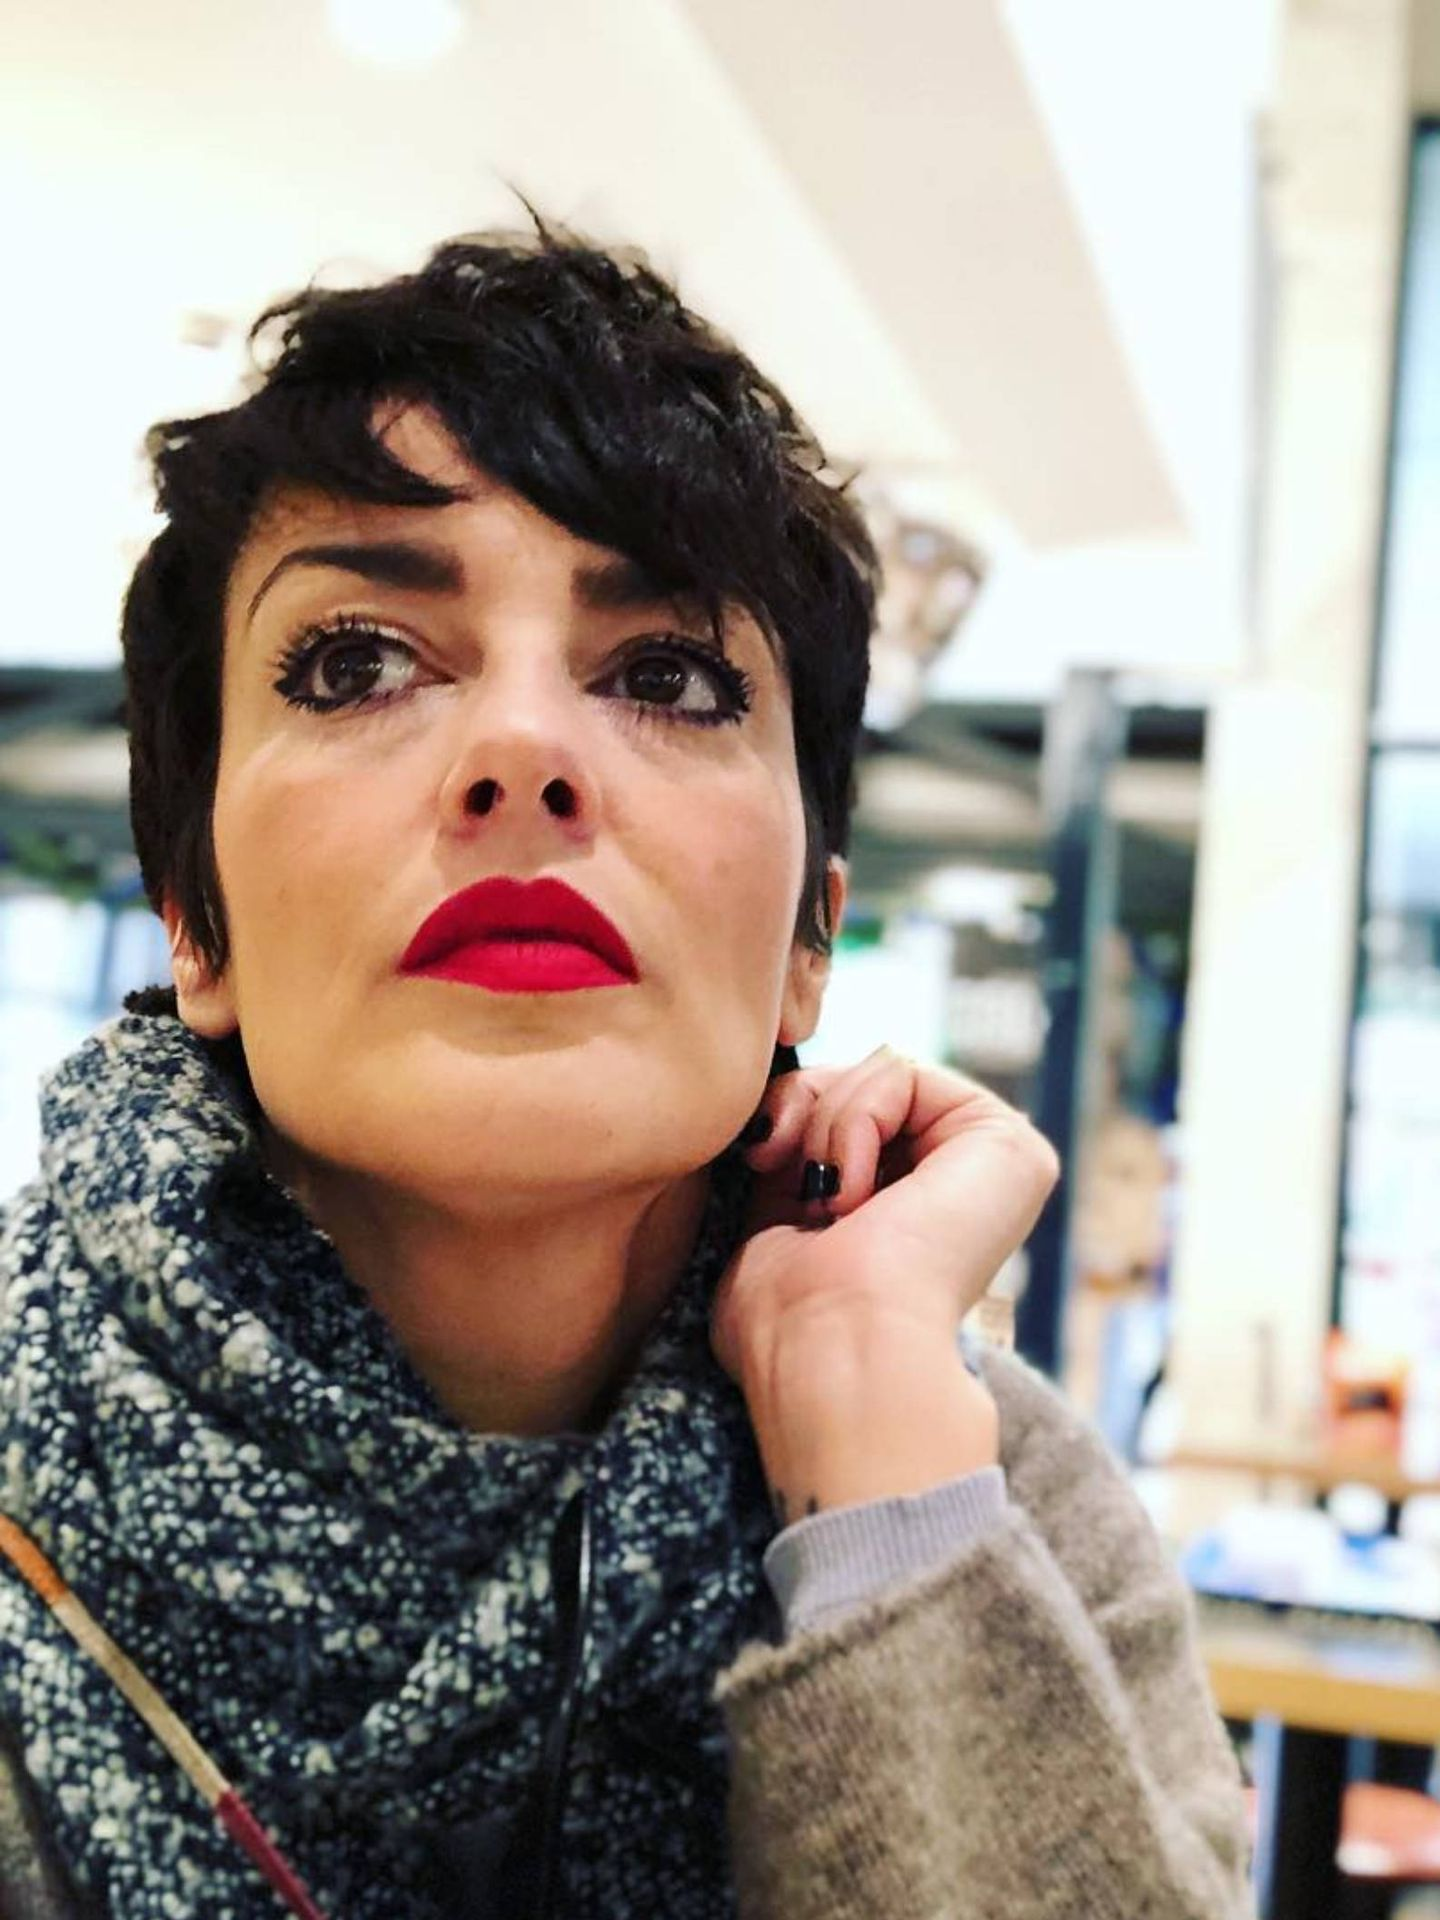 La cantante Vega está perdiendo el pelo a causa del coronavirus. (Instagram @vegaoficial)